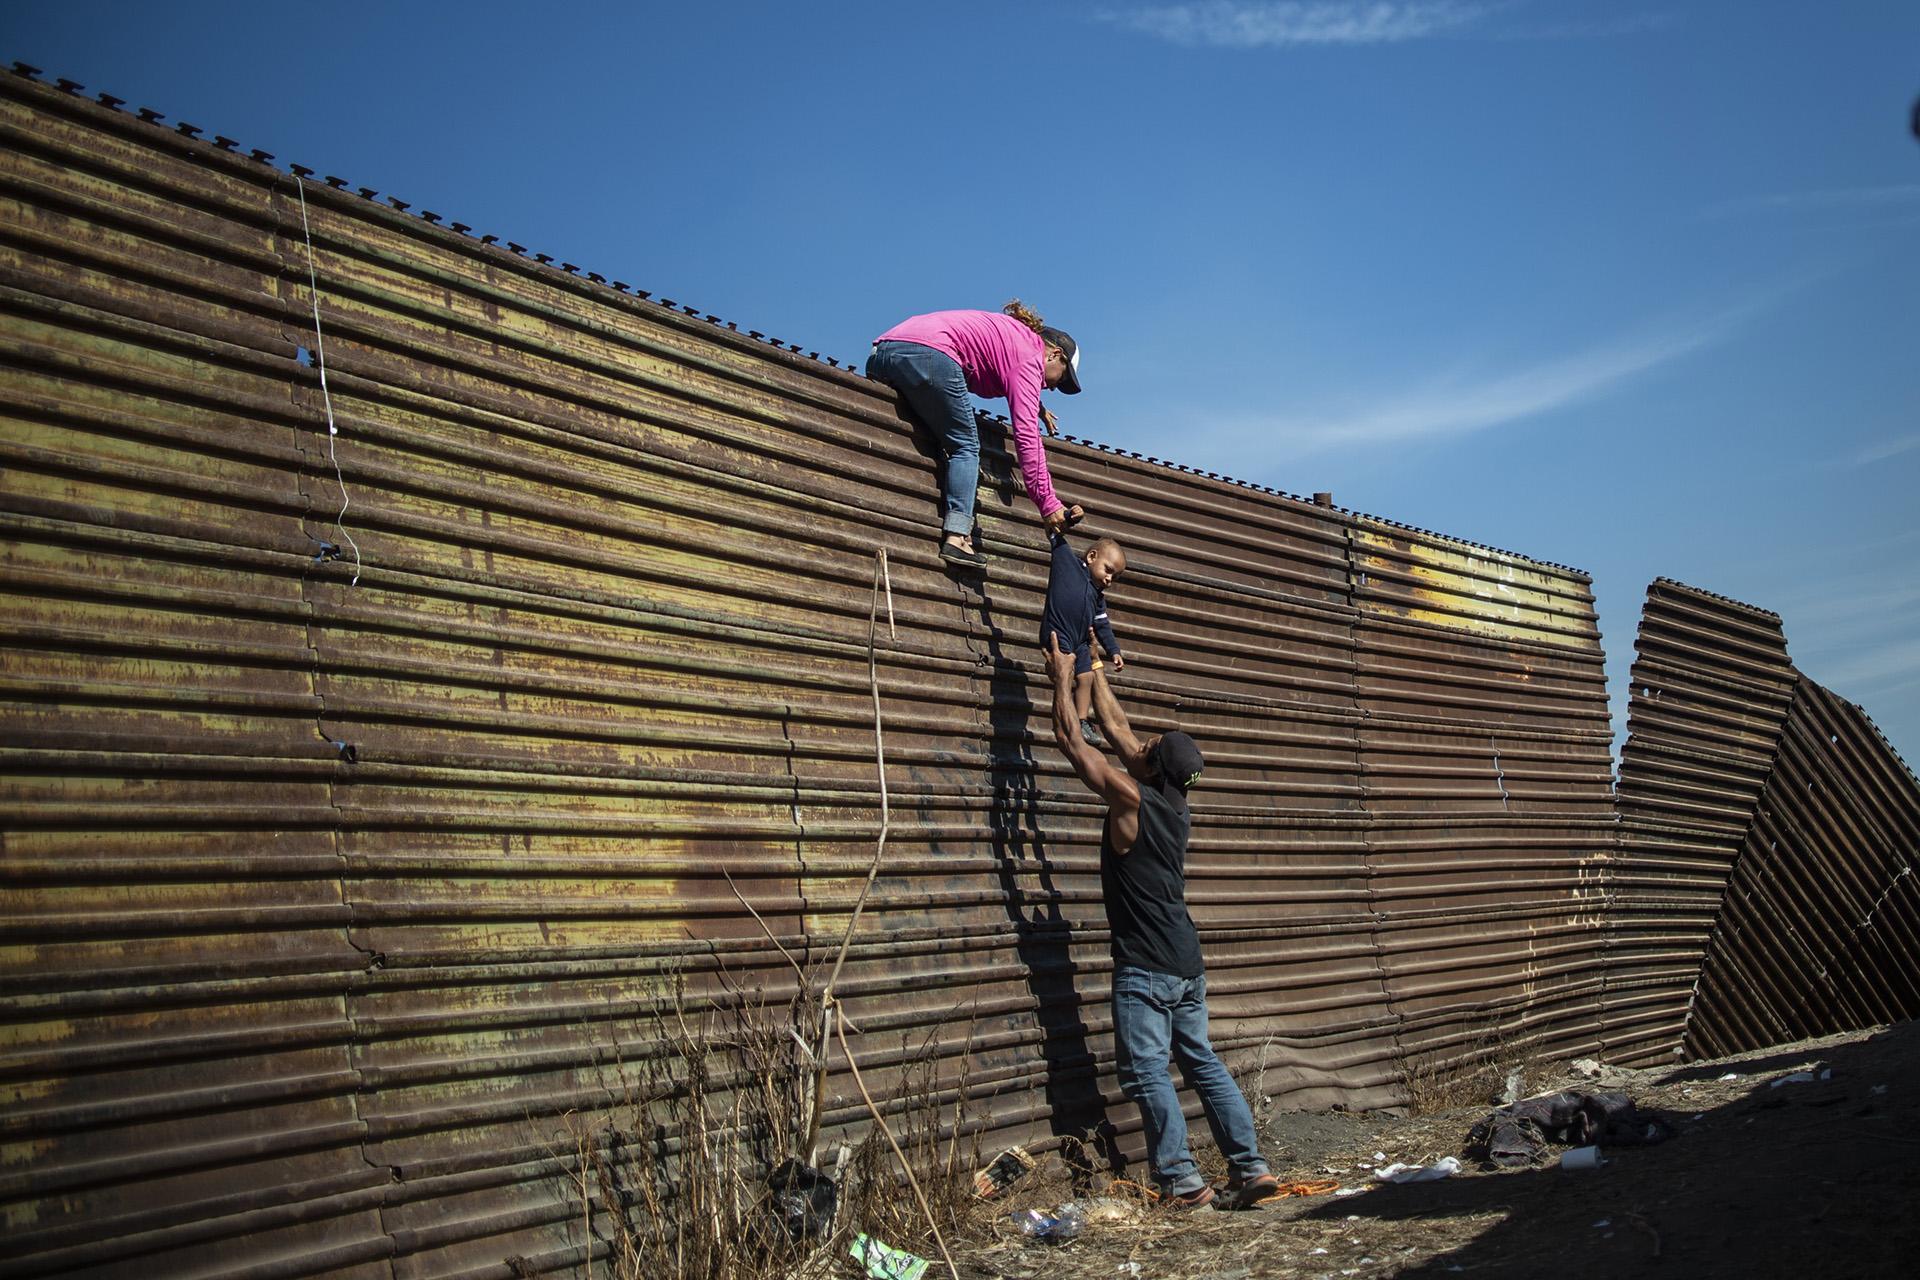 Un grupo de inmigrantes centroamericanos trepan una cerca en la frontera entre México y Estados Unidos en Tijuana, Baja California (Pedro PARDO / AFP)